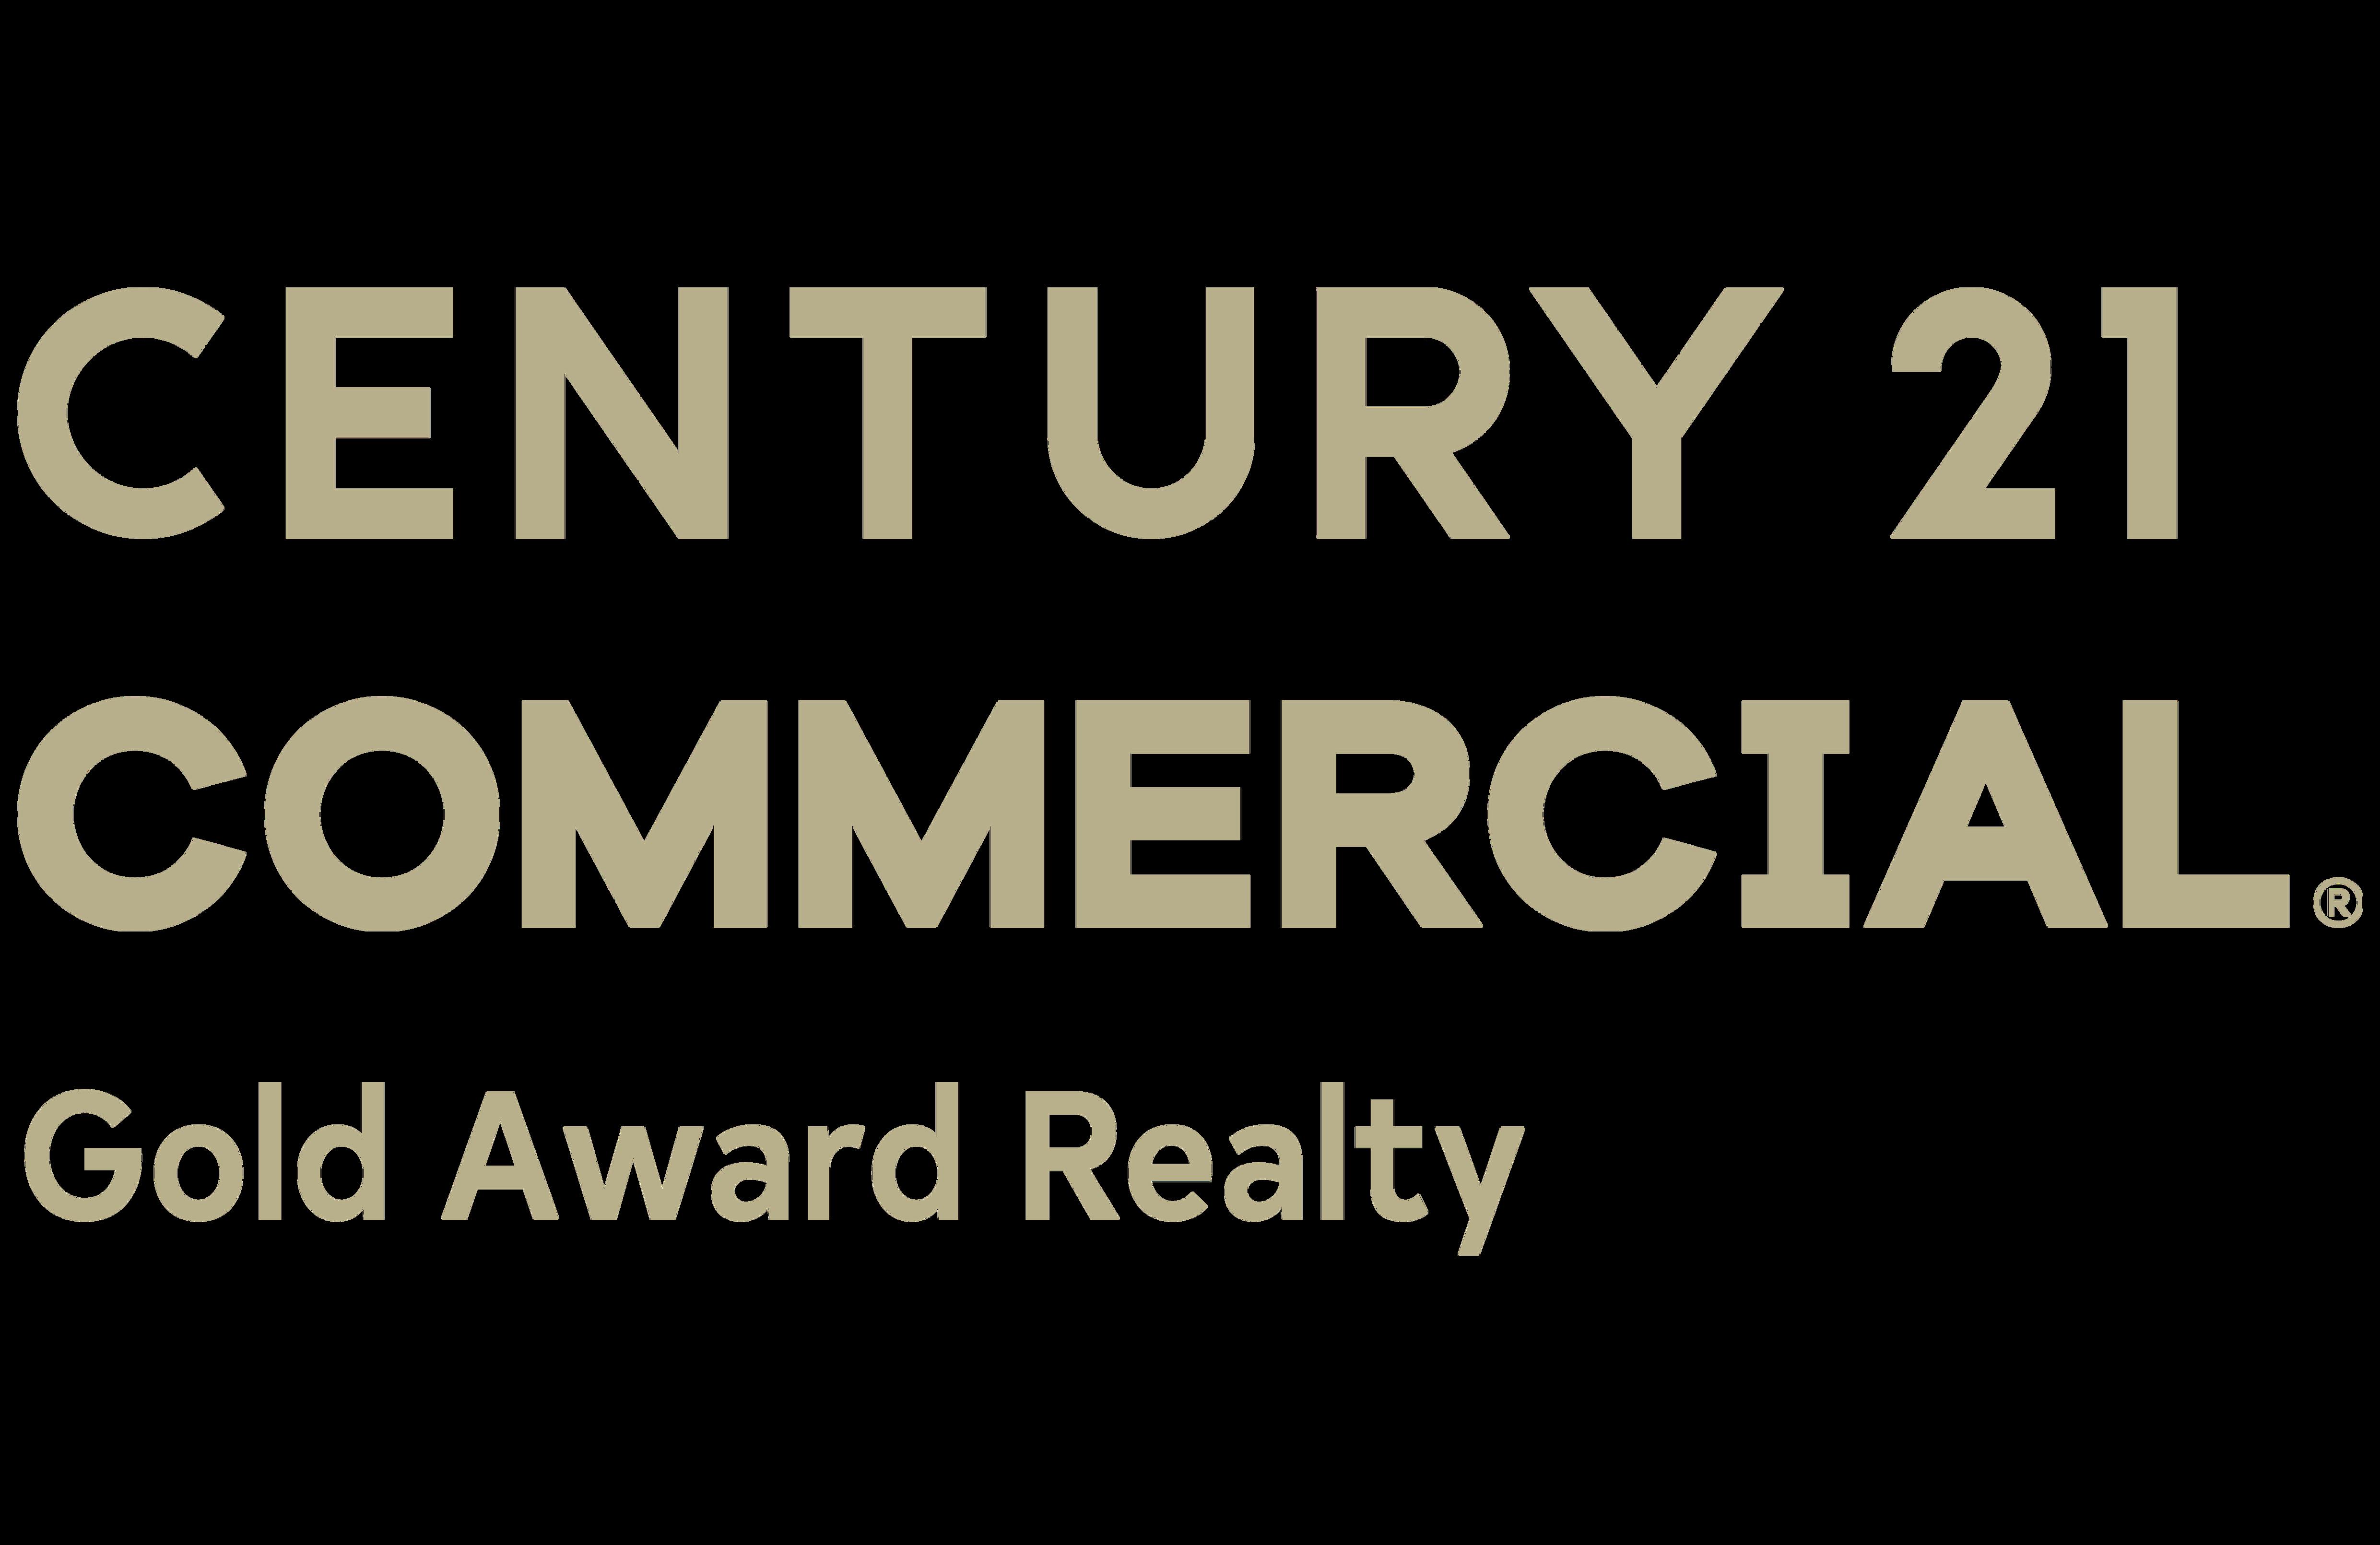 CENTURY 21 Gold Award Realty